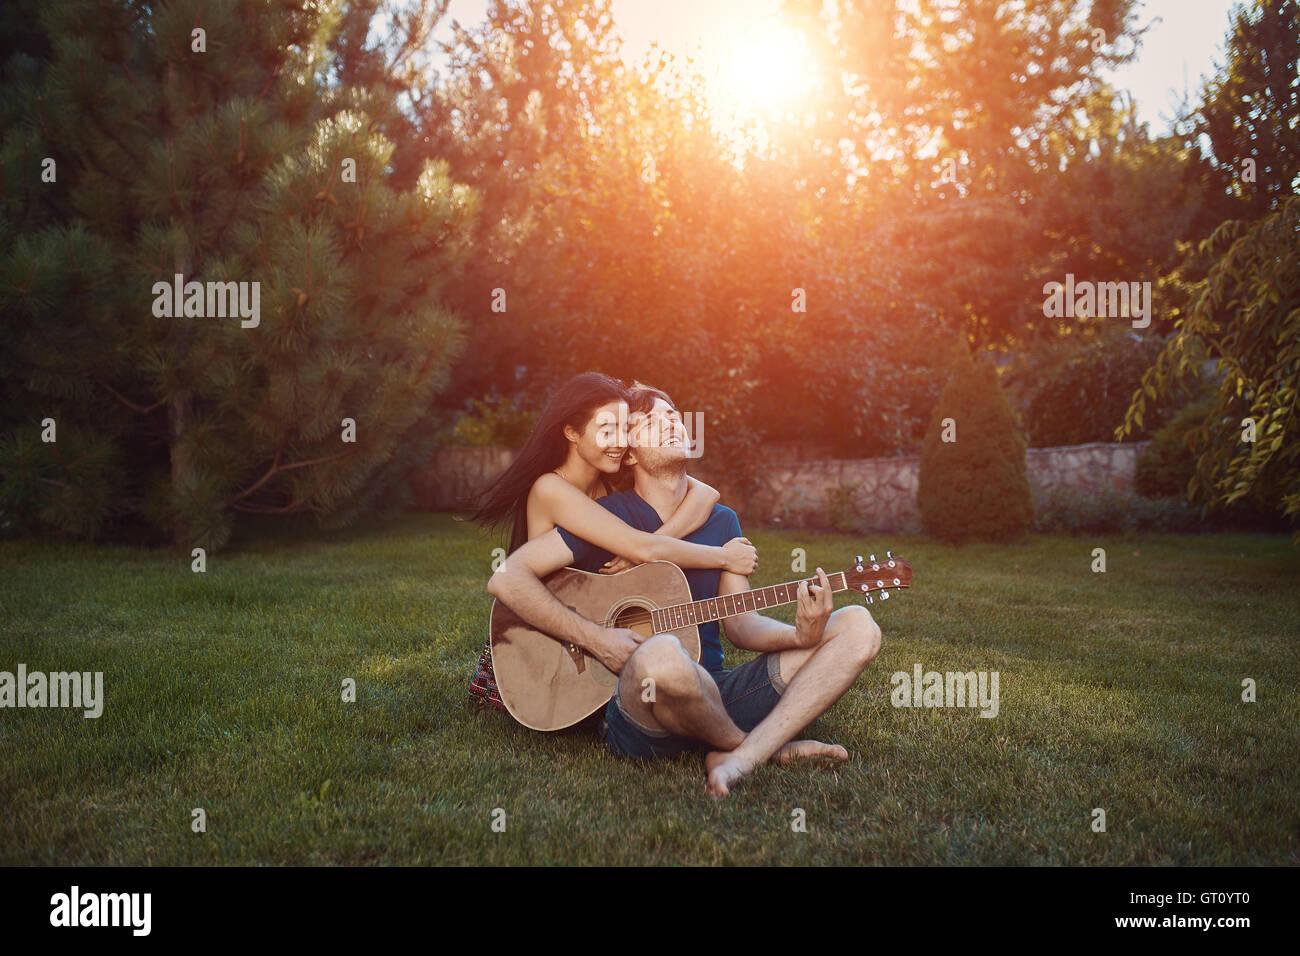 Guapo pareja romántica sentados en el césped en el jardín Imagen De Stock